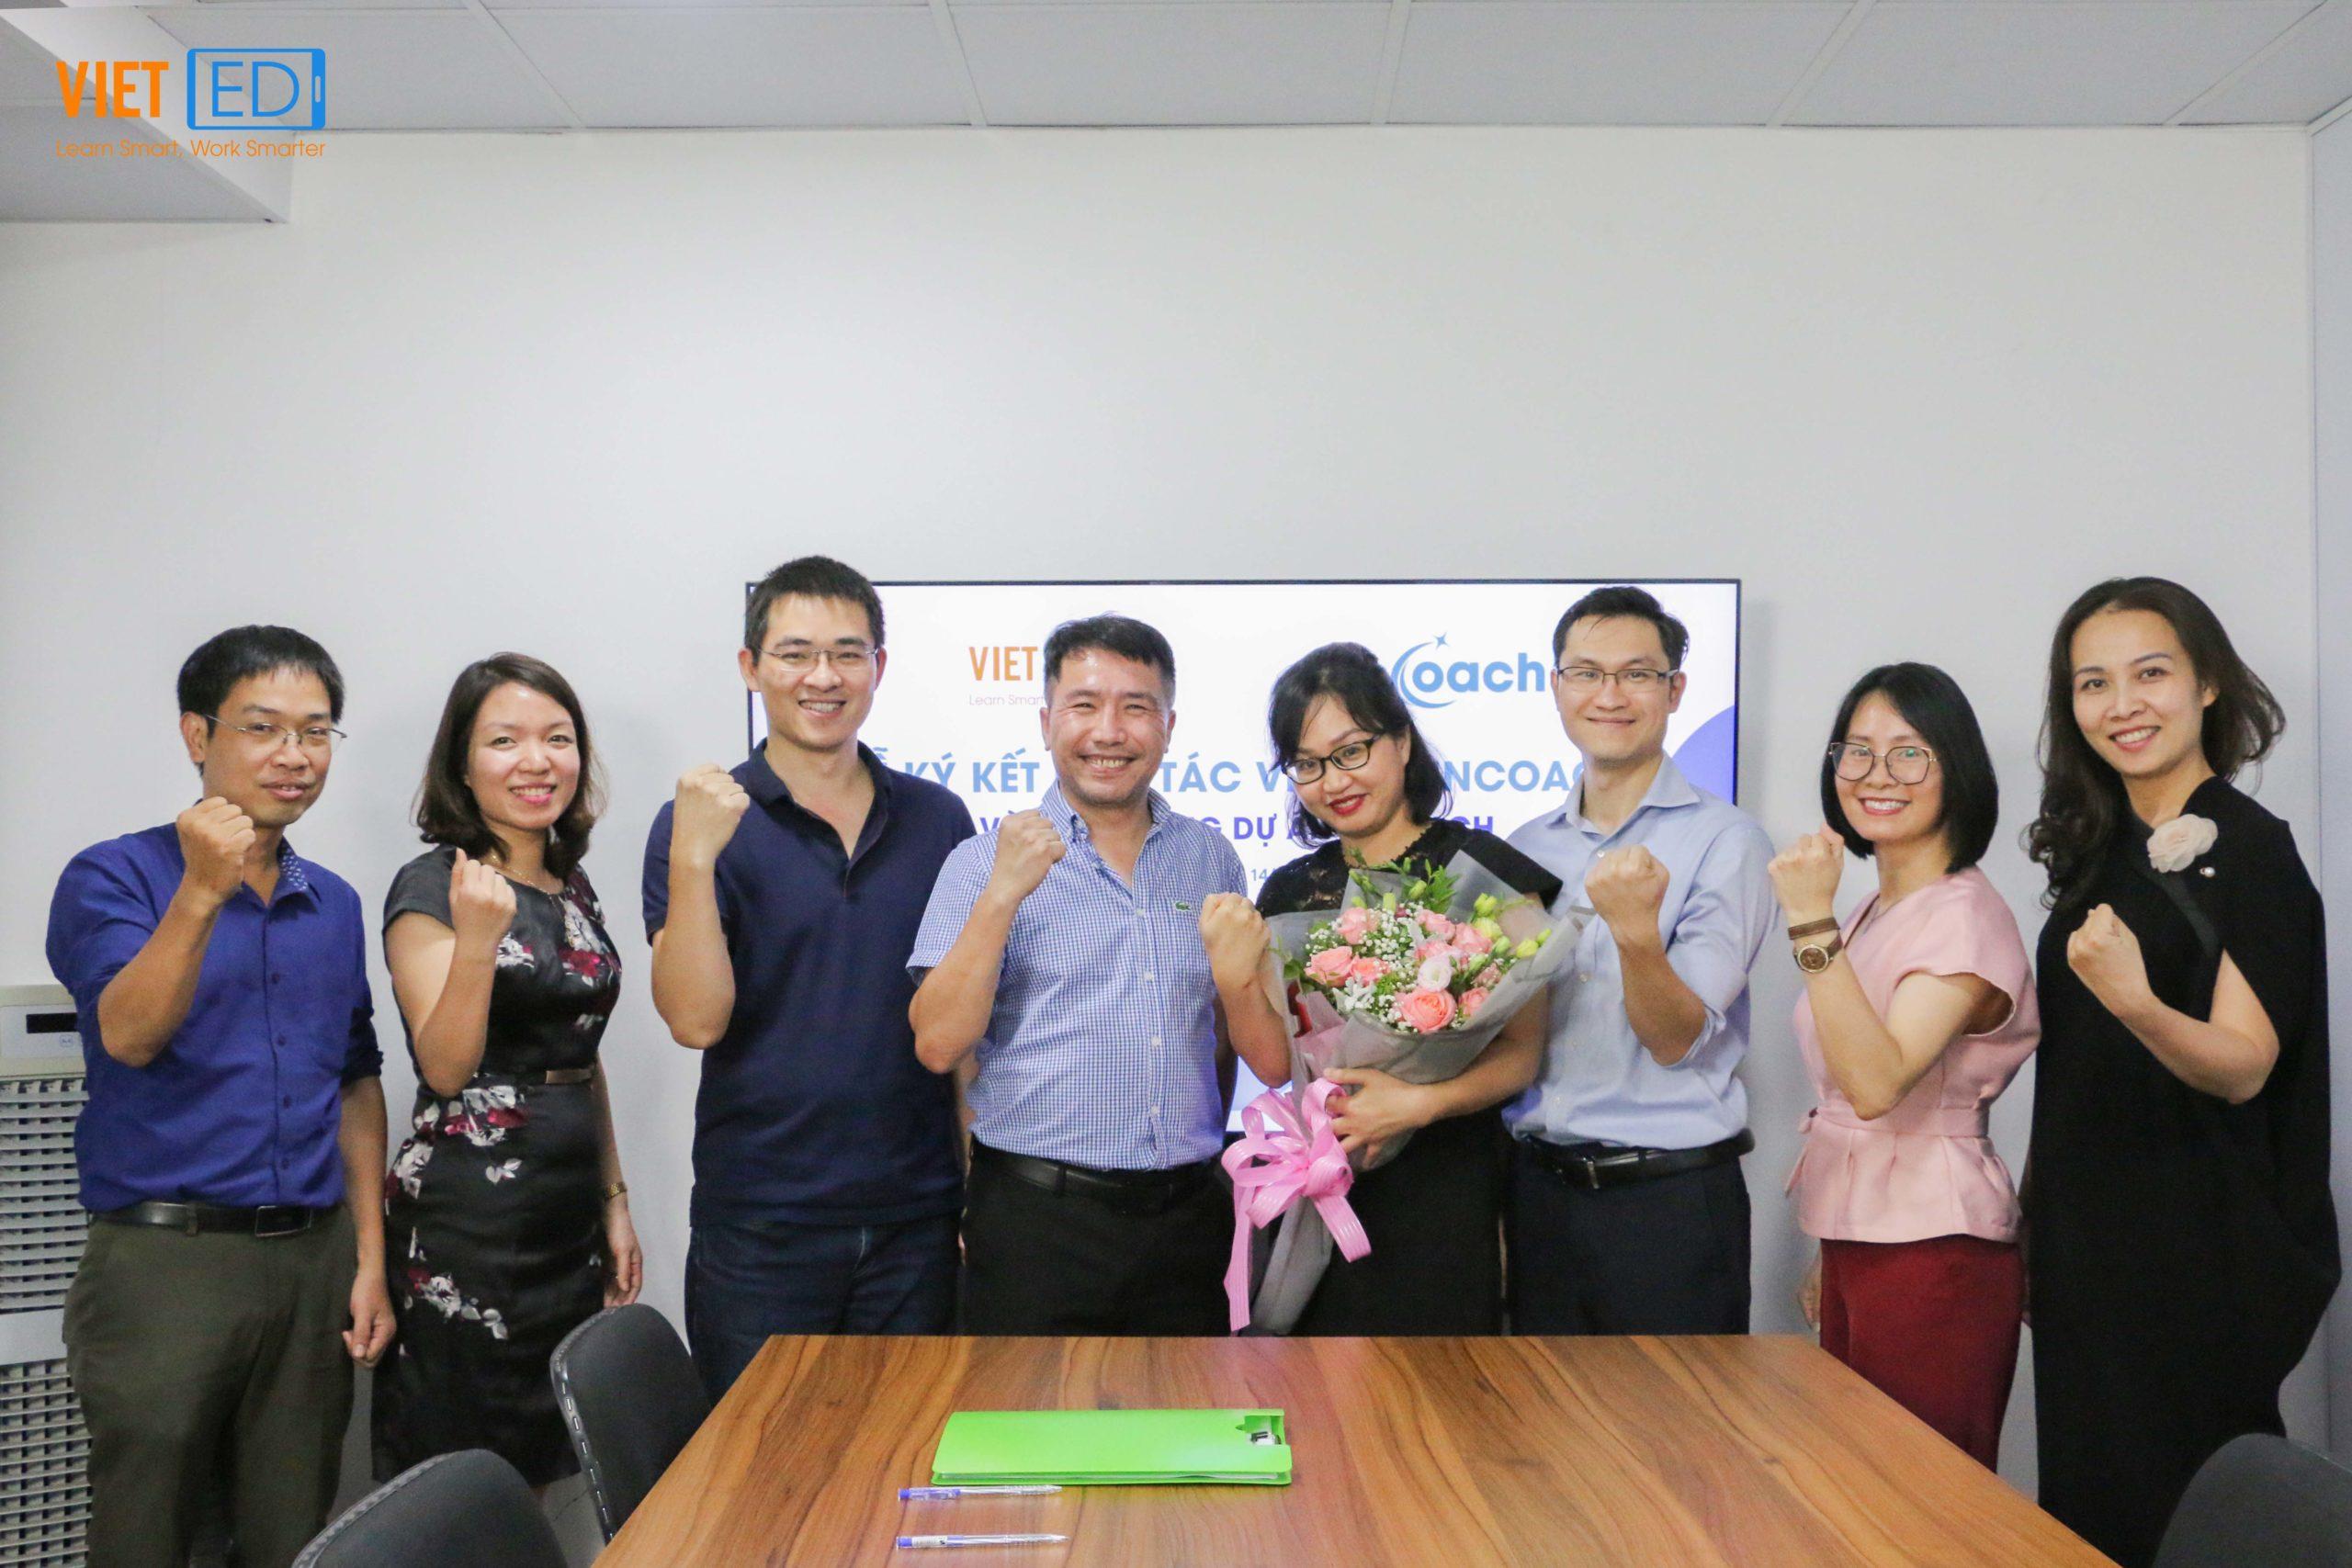 Lễ ký kết hợp tác VietED và inCoach